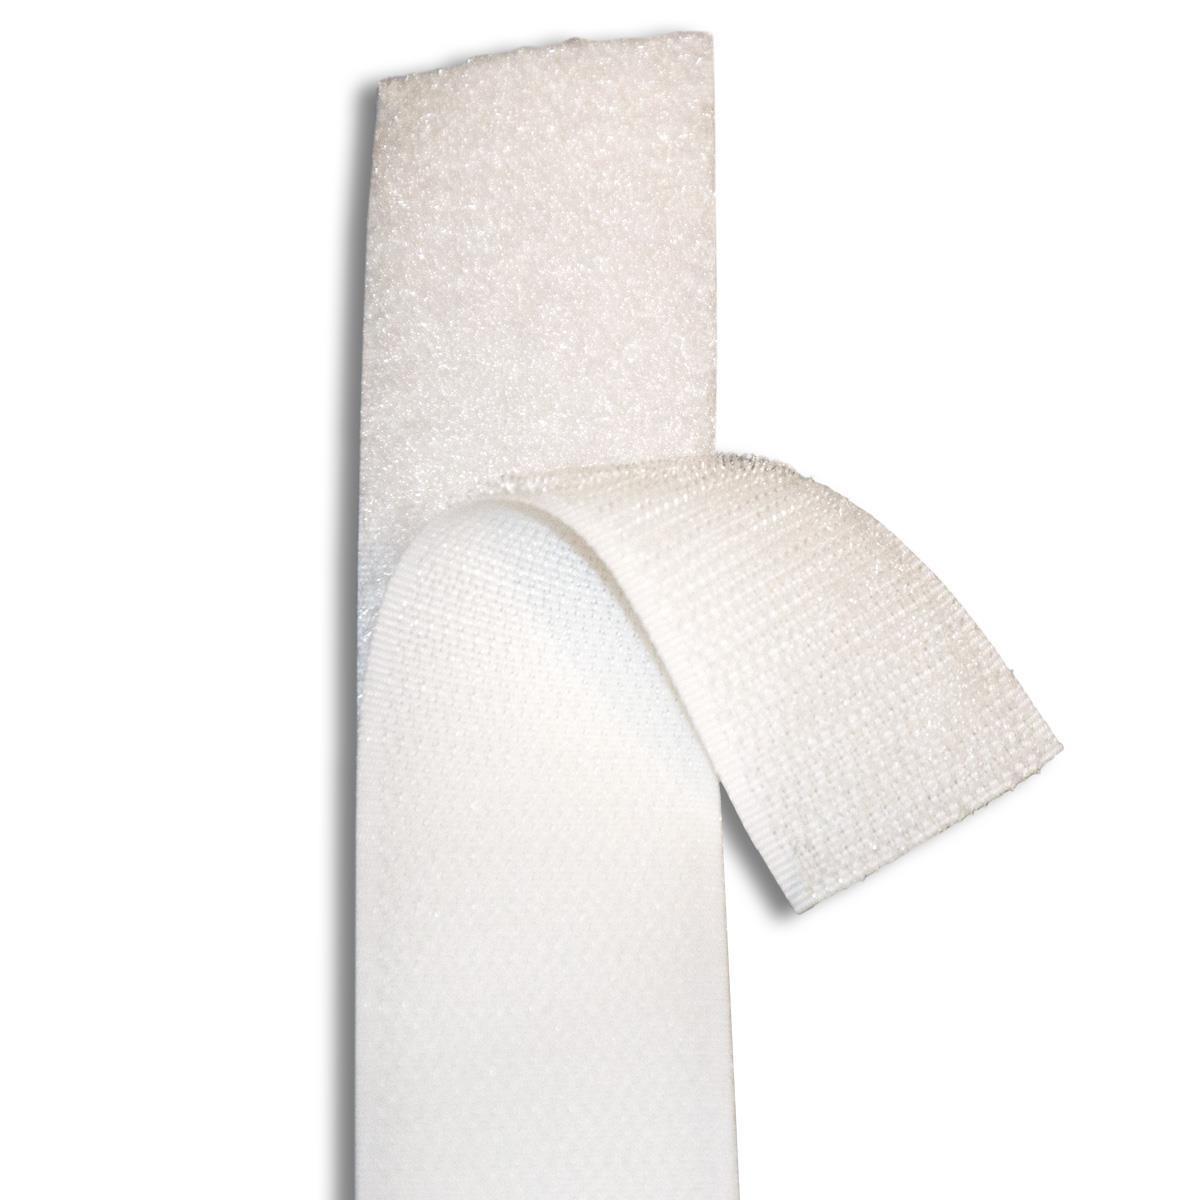 klett und flauschband selbstklebend 20mm breit wei 31 00. Black Bedroom Furniture Sets. Home Design Ideas